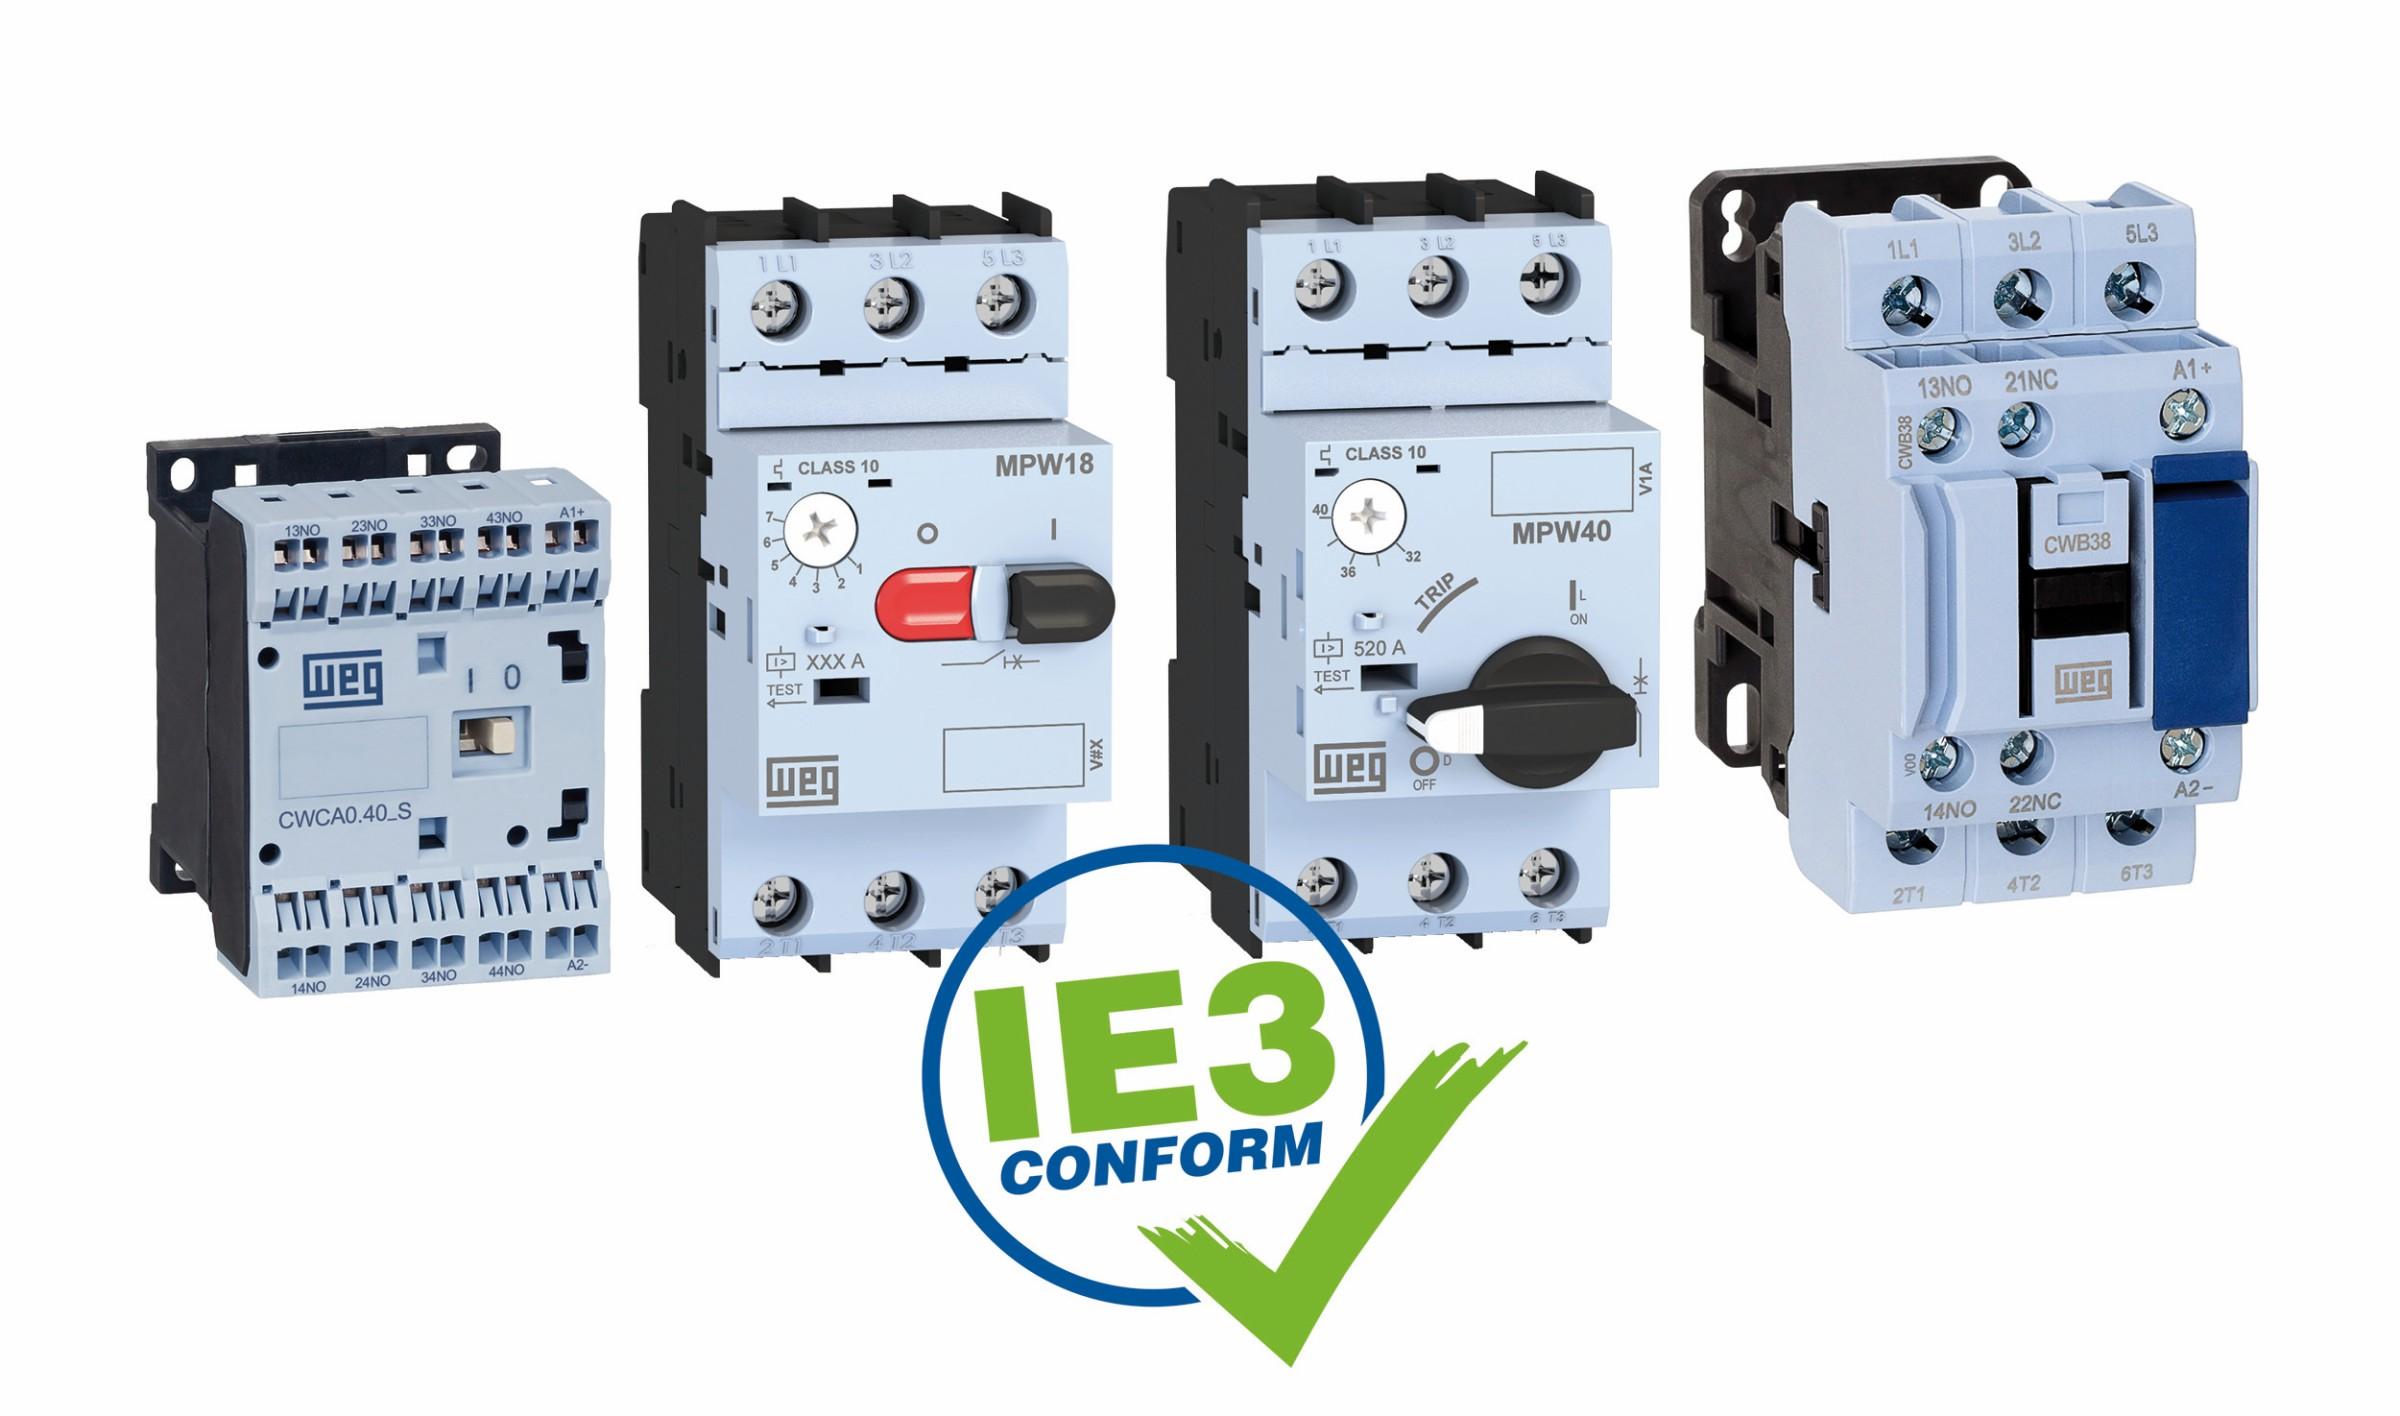 Bild 4 IE3-konforme Niederspannungsschaltgeräte. Bild: WEG